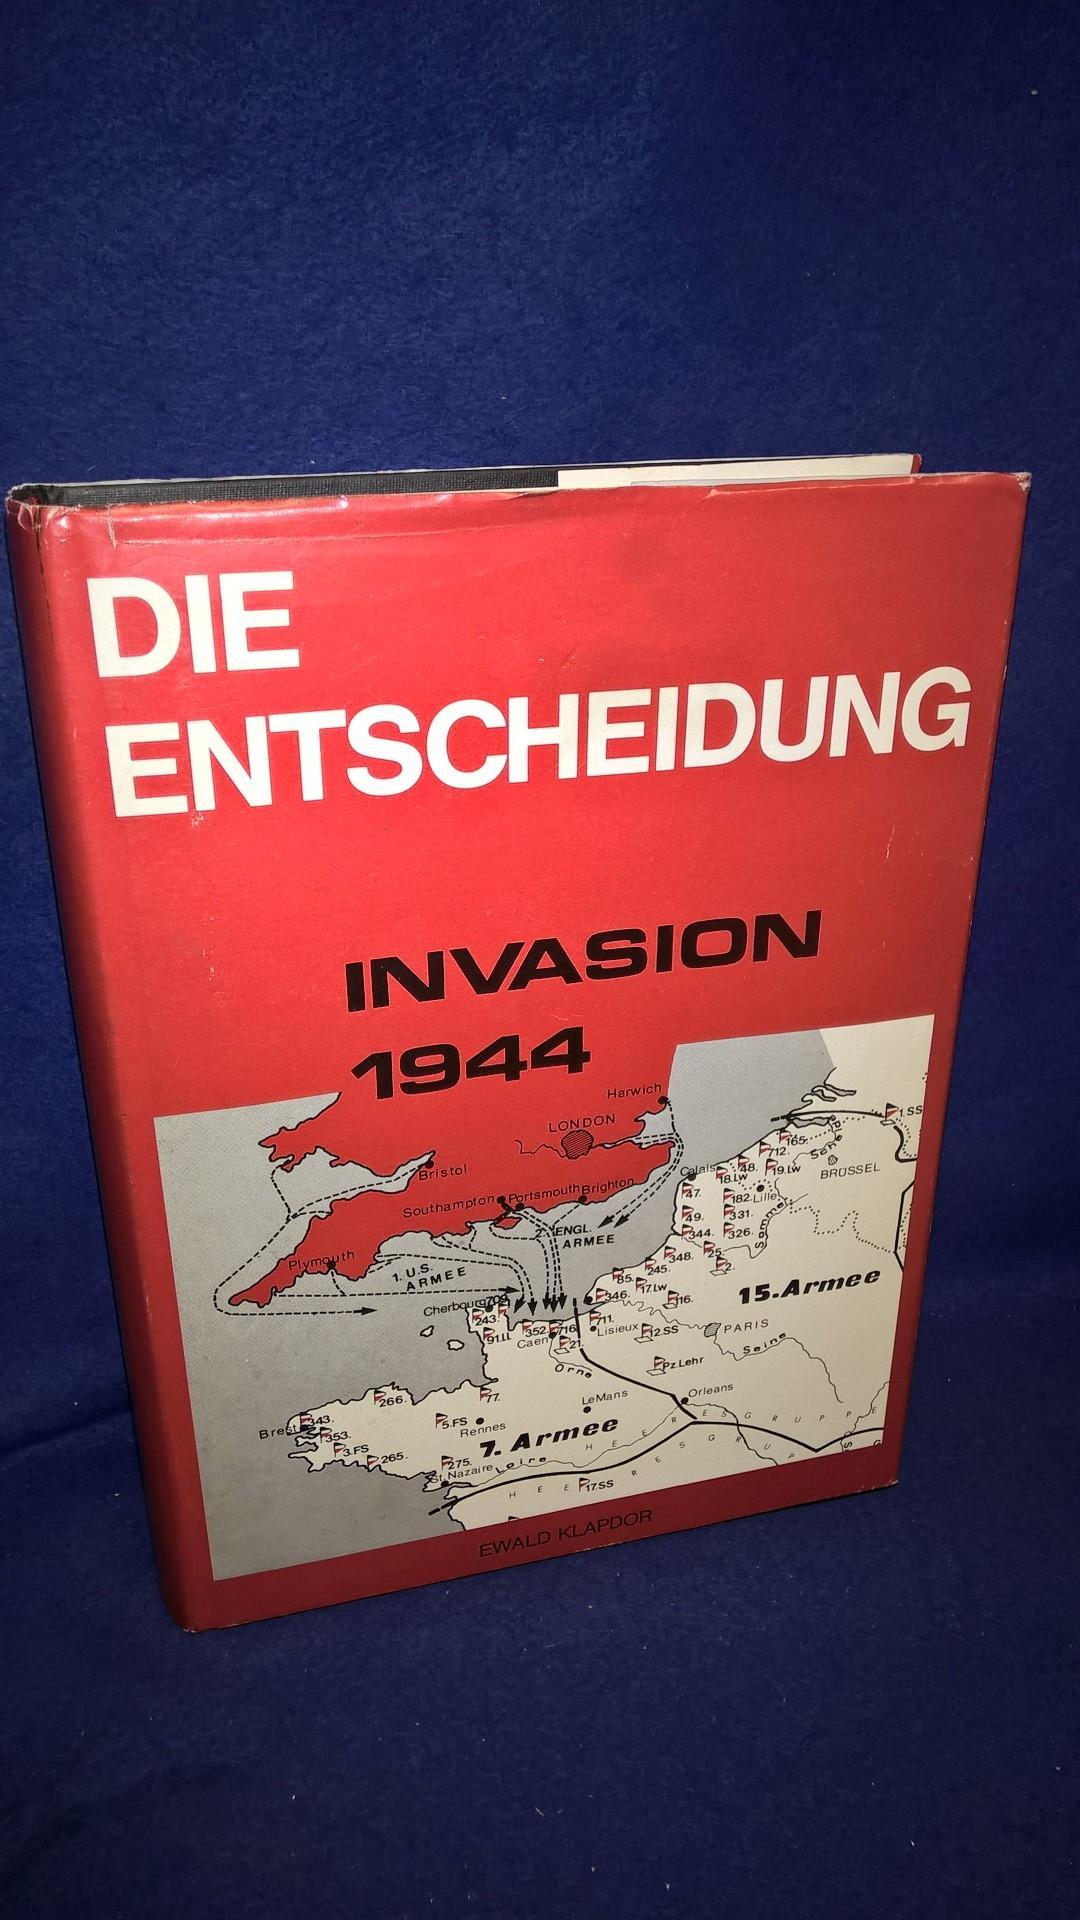 Die Entscheidung Invasion 1944. Die Kampfhandlungen der 5.Panzerarmee und des I. und II. SS-Panzerkorps im Raum Caen.